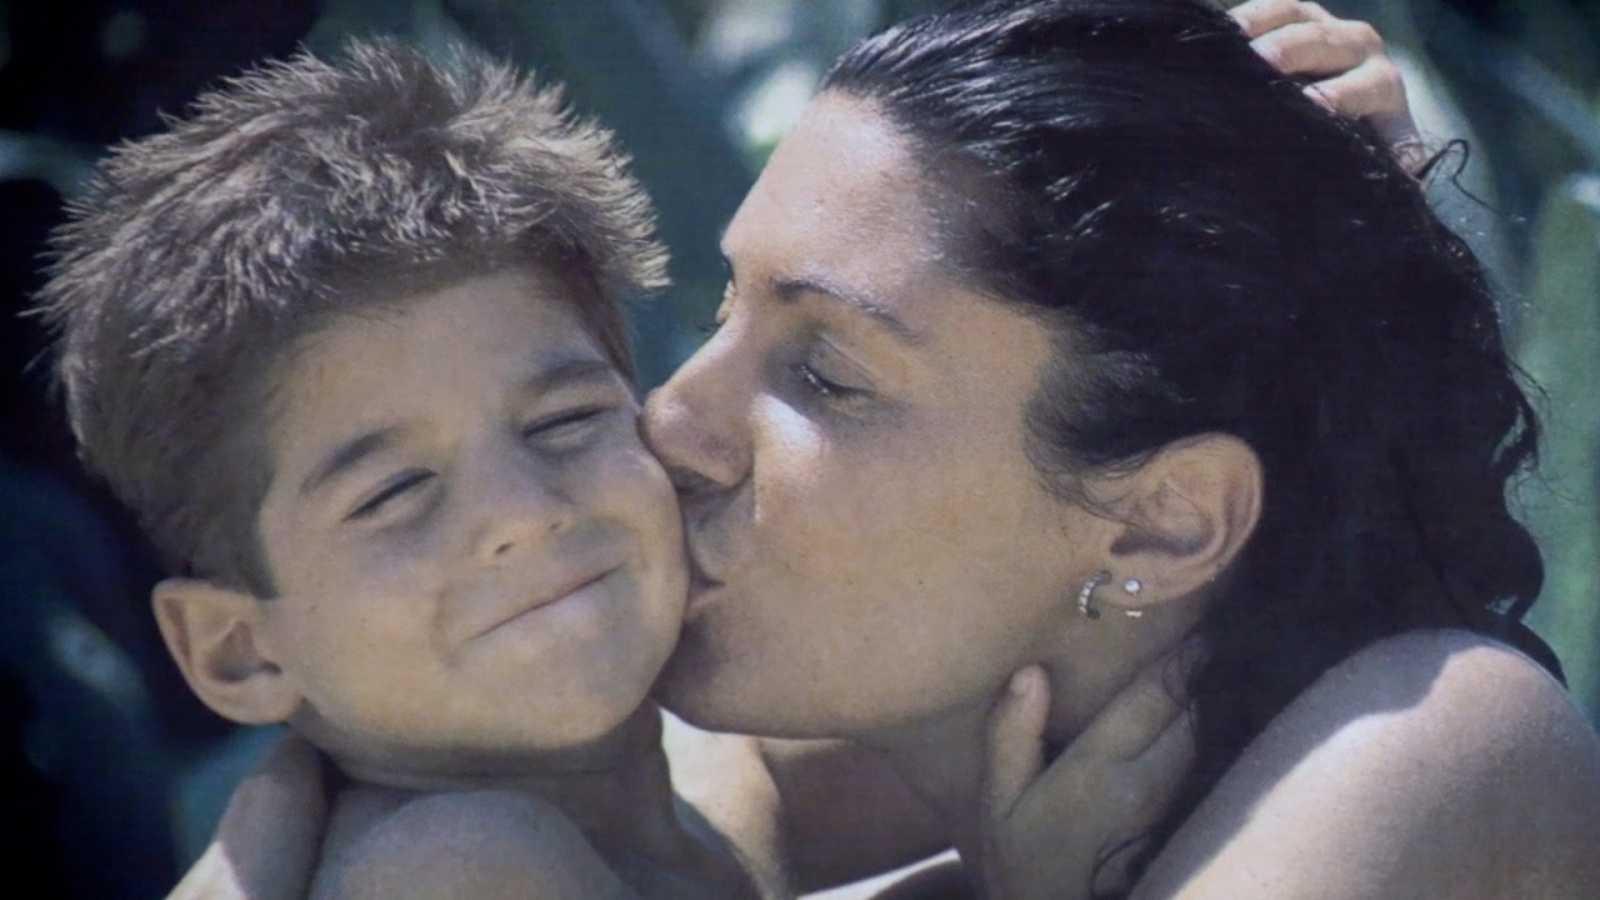 """Lazos de sangre - Julián Contreras Jr: """"Mi madre se perdió en esa imagen que se había creado y que tan poco tenía que ver con su esencia verdadera"""""""